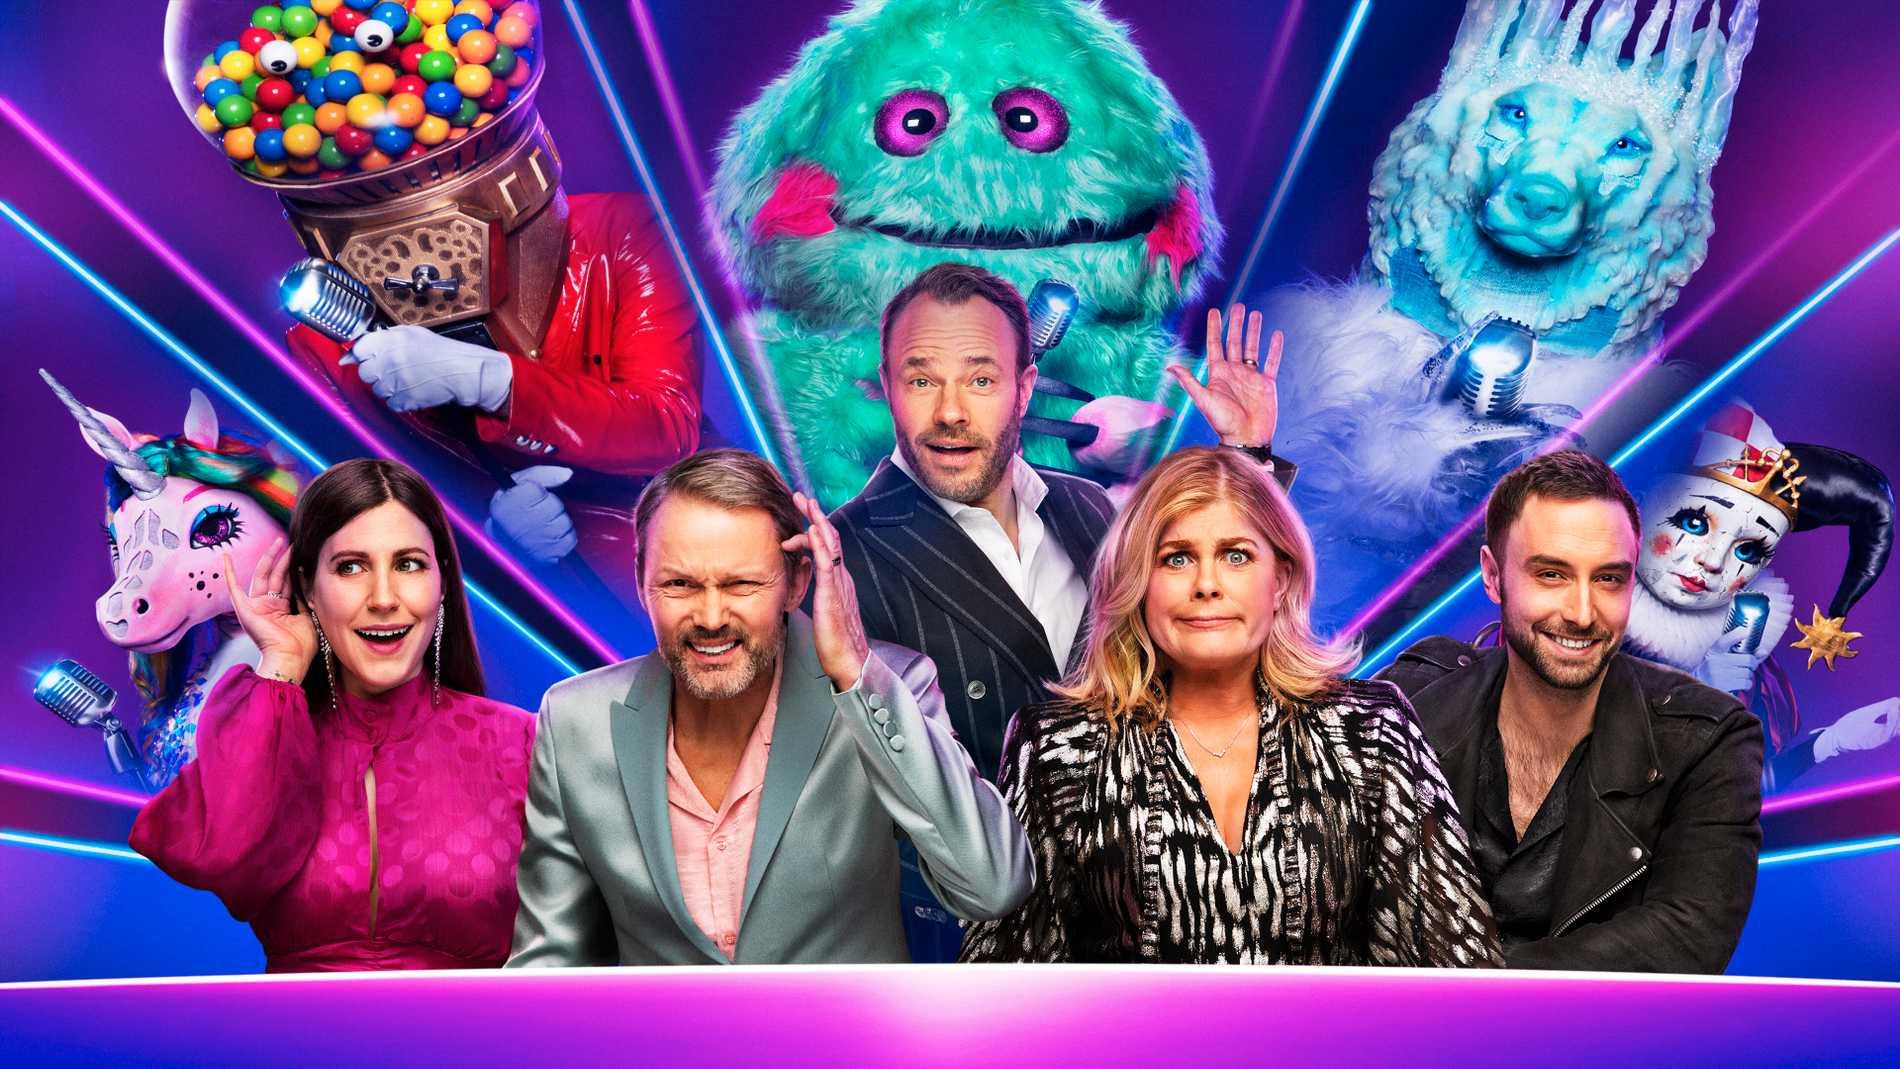 """David Hellenius leder """"Masked singer"""" och panelen består av Felix Herngren, Nour El-Refai, Måns Zelmerlöw och Pernilla Wahlgren."""